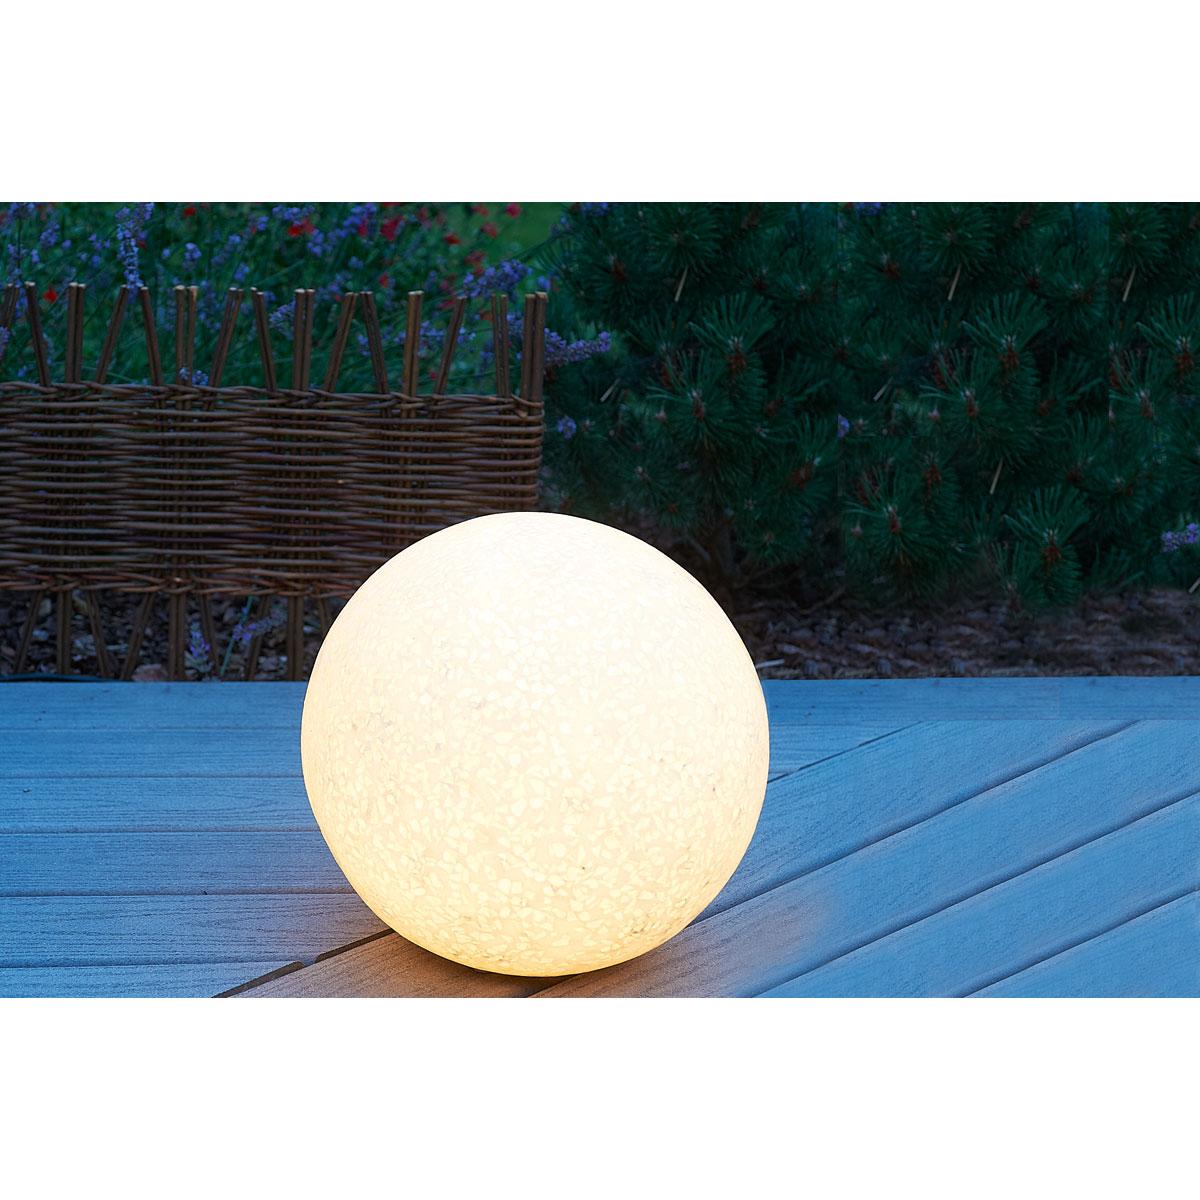 Boule jardin lumineuse : Toutes les installations et décorations pour un extérieur